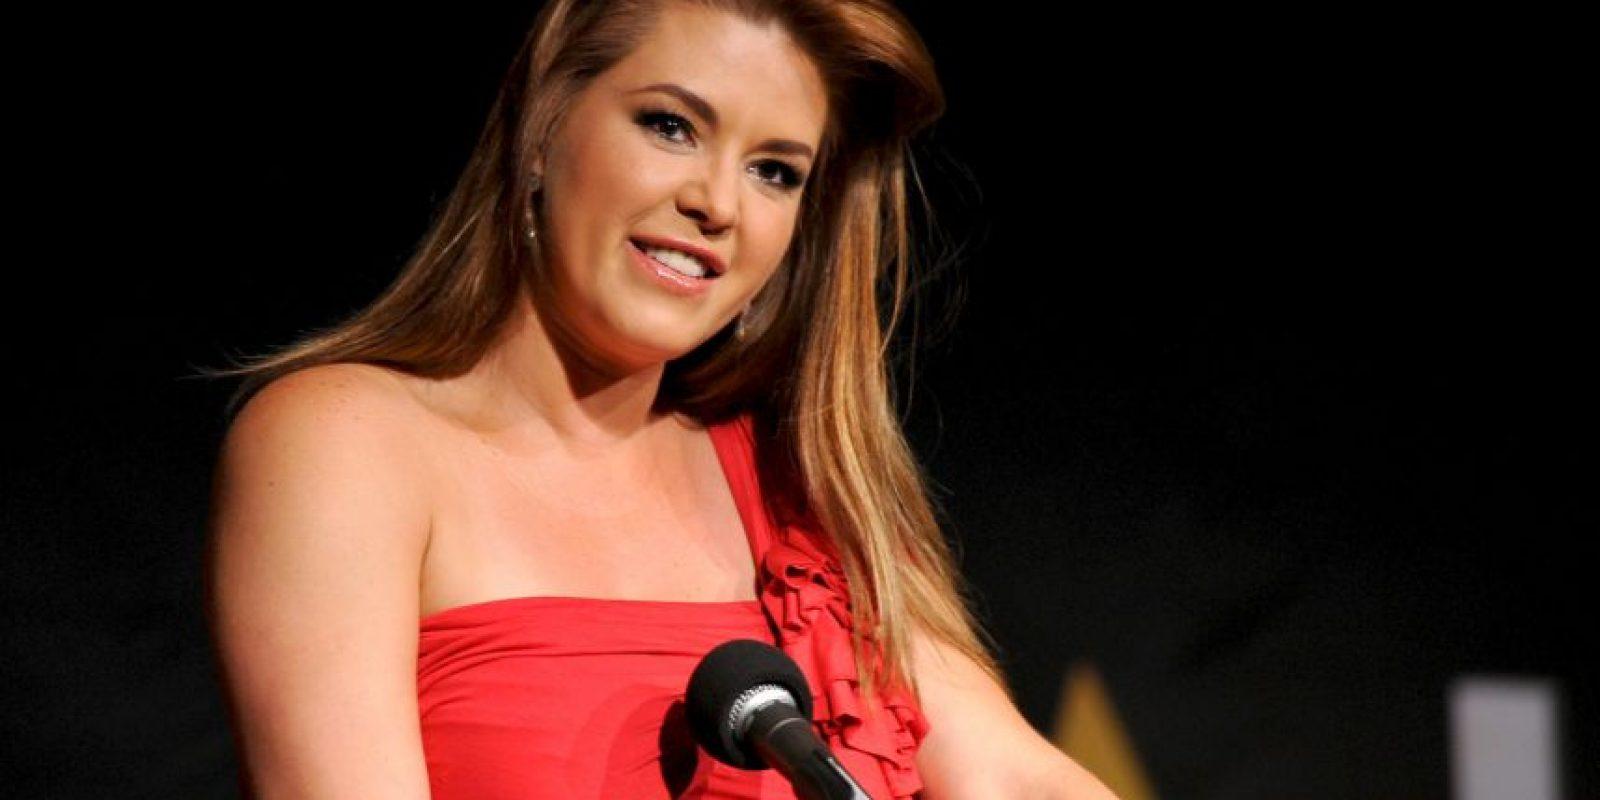 Durante una participación en un reality tuvo sexo ante millones de televidentes Foto:Getty Images